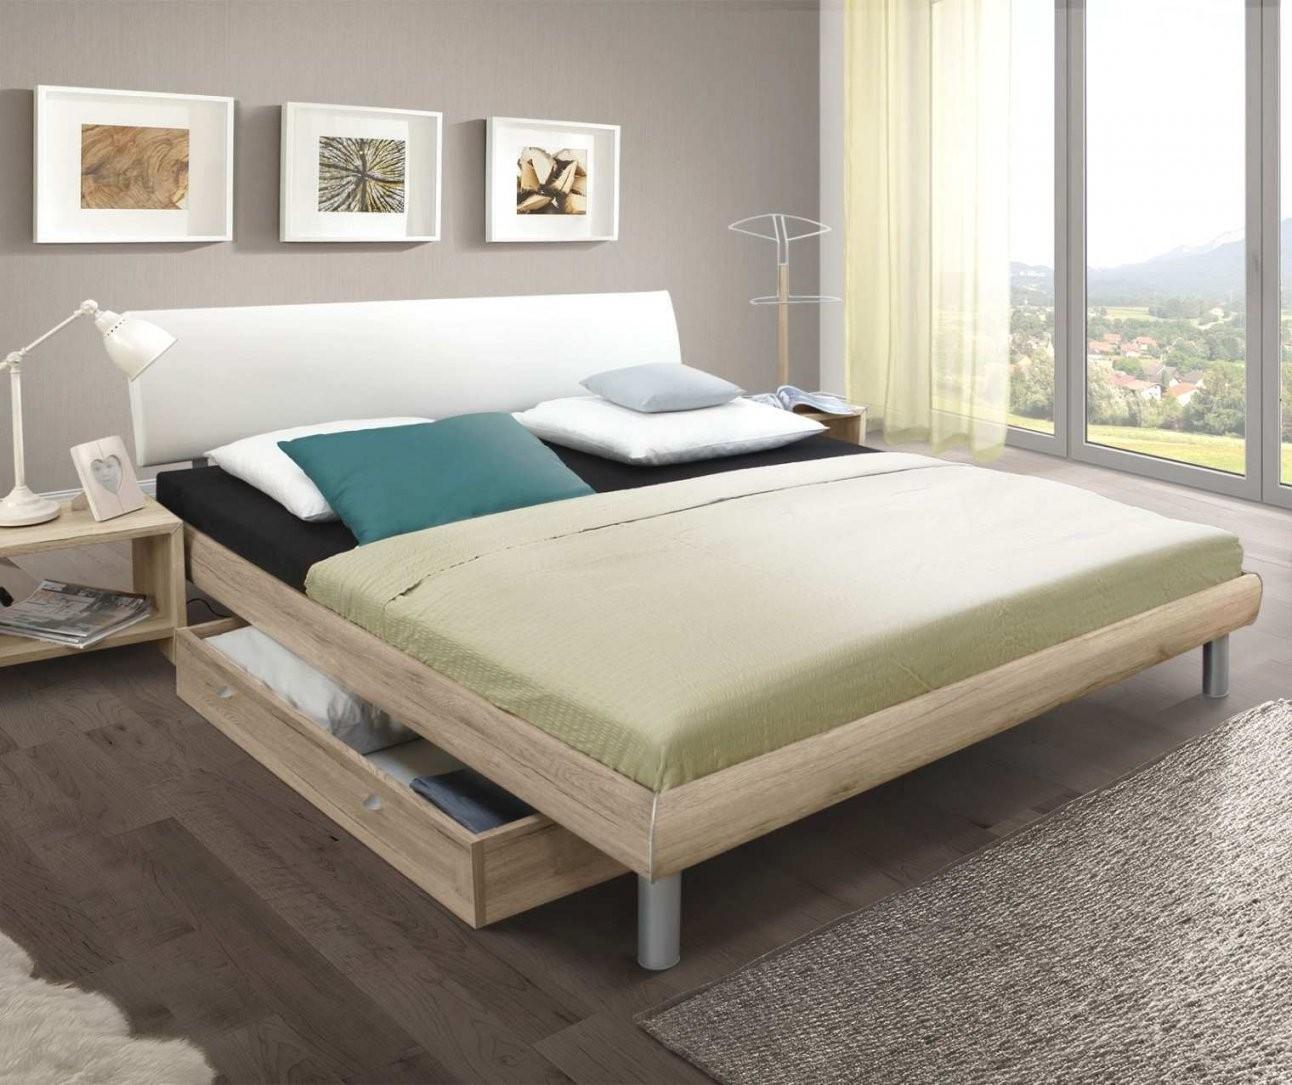 Layout Bett 120×200 Mit Matratze Und Lattenrost – Fcci von Moderne Betten 120X200 Bild